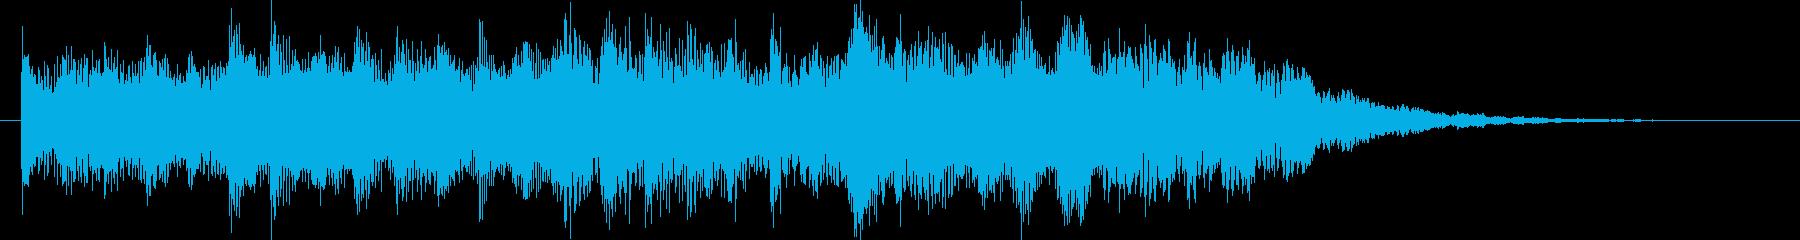 おしらせチャイム(さわやか)の再生済みの波形